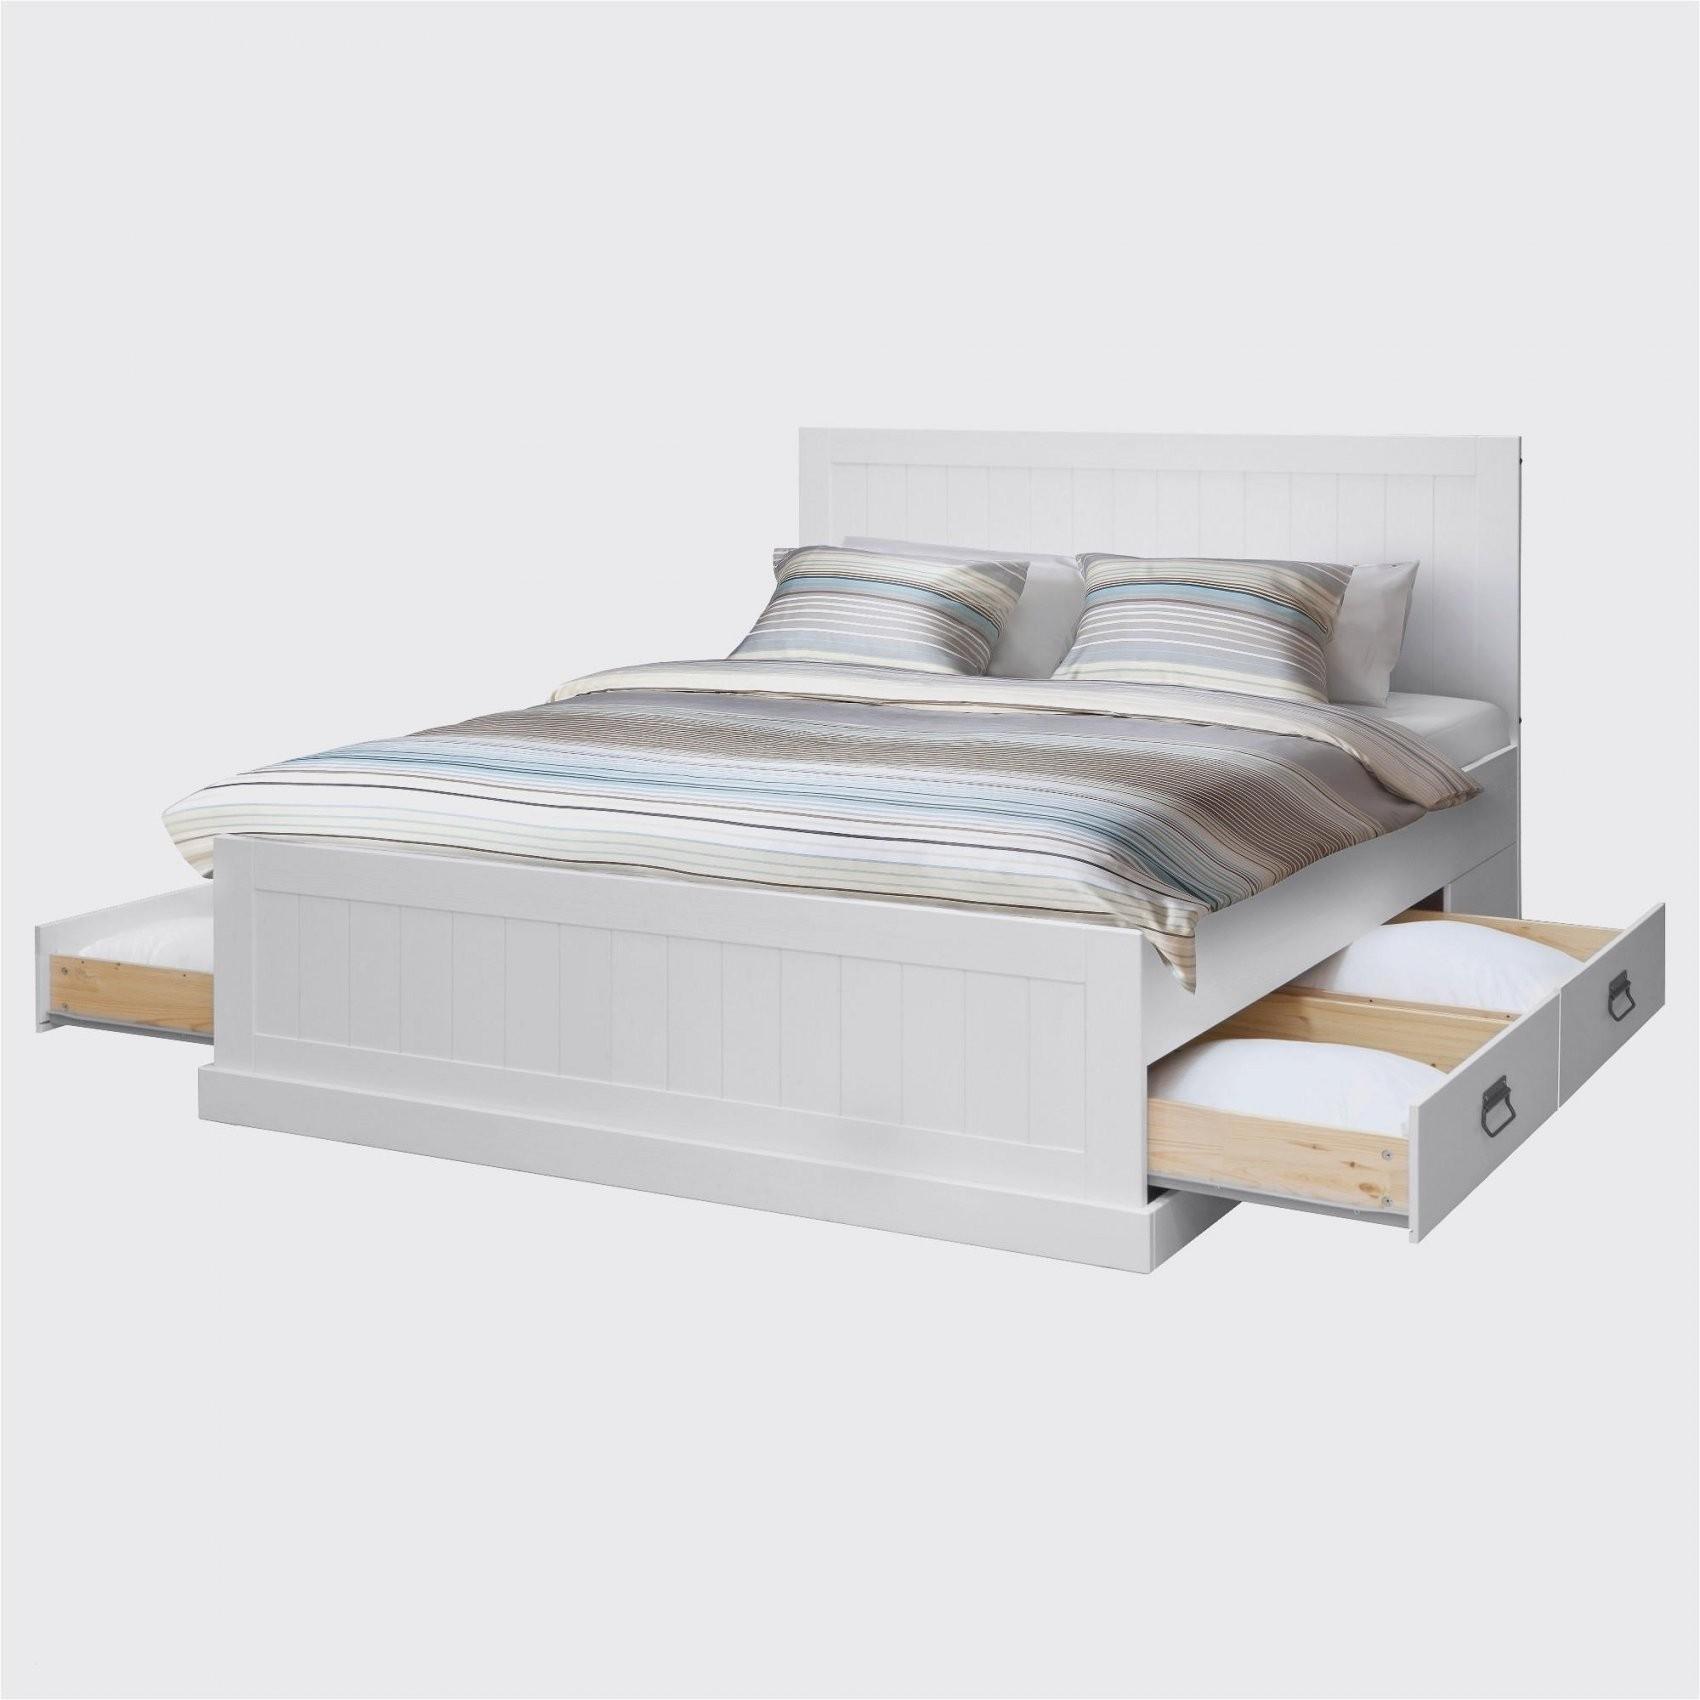 Futonbett Mit Matratze Schön Futon Ansprechend Komfortables von Matratze Statt Bett Bild